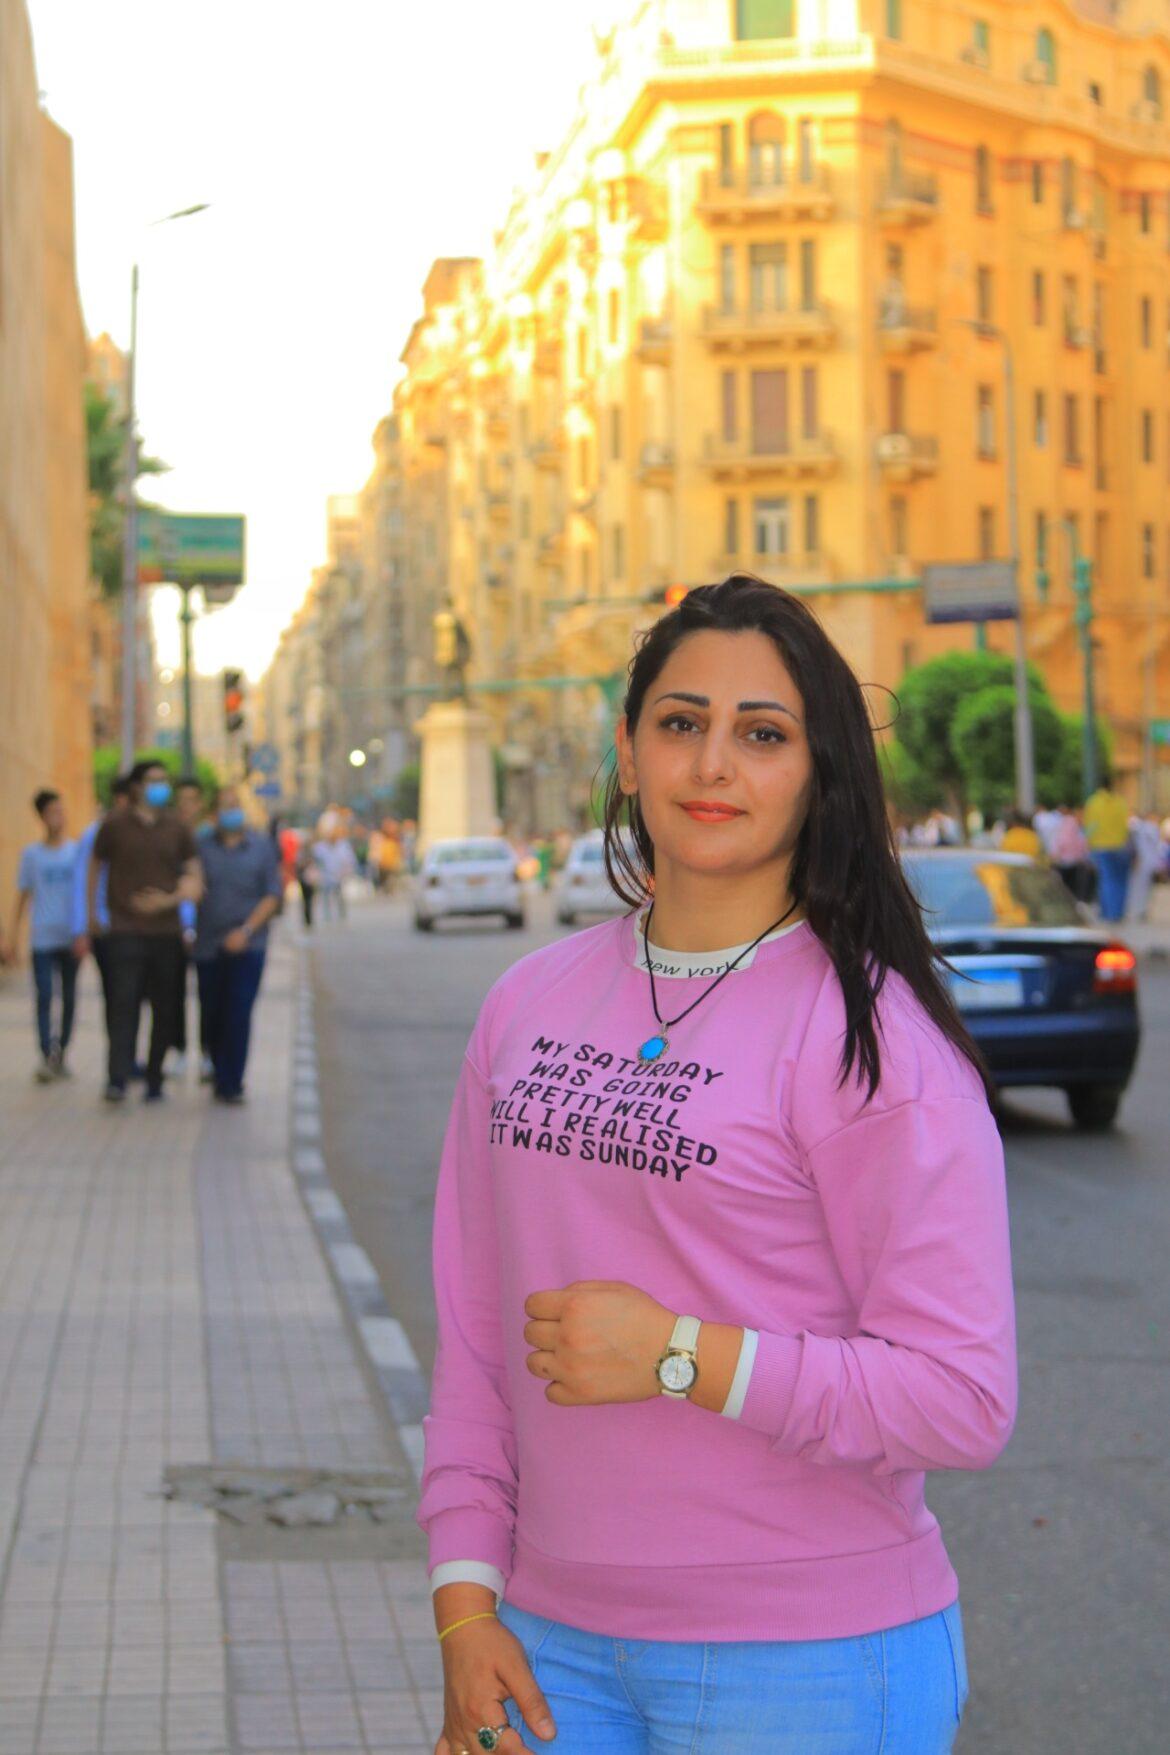 أُردنية تنير شوارع مصر